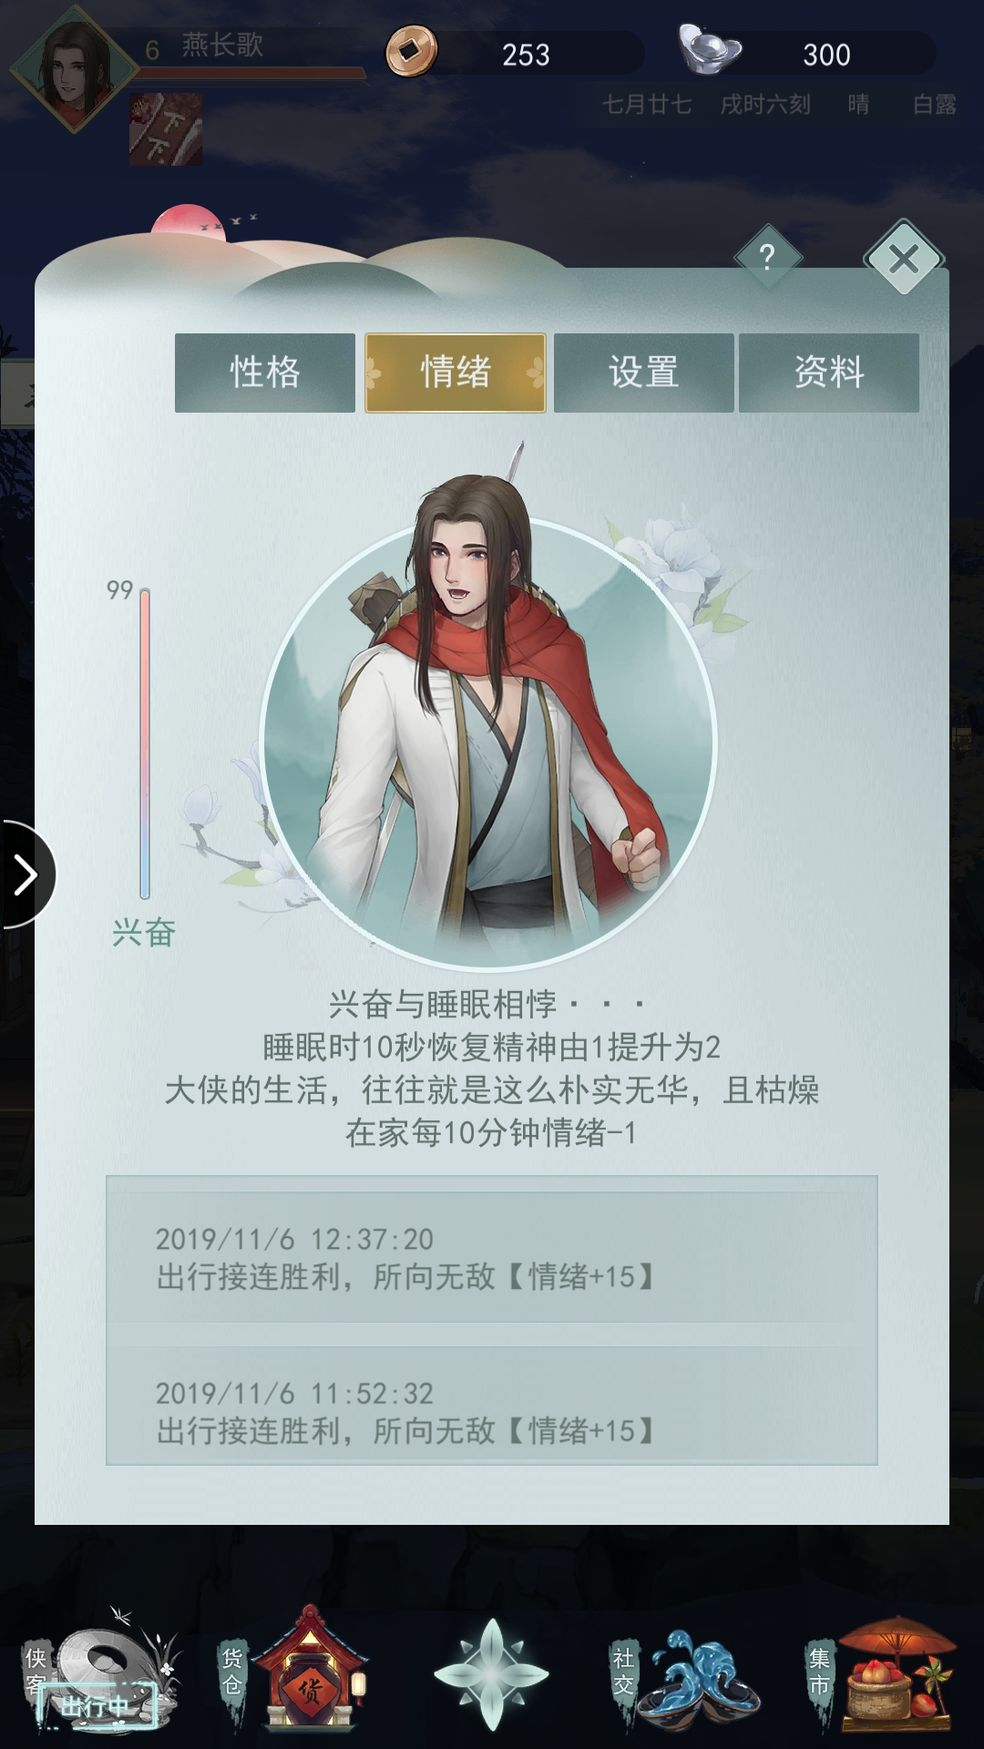 江湖悠悠银两铜钱内购版v1.2 正式版